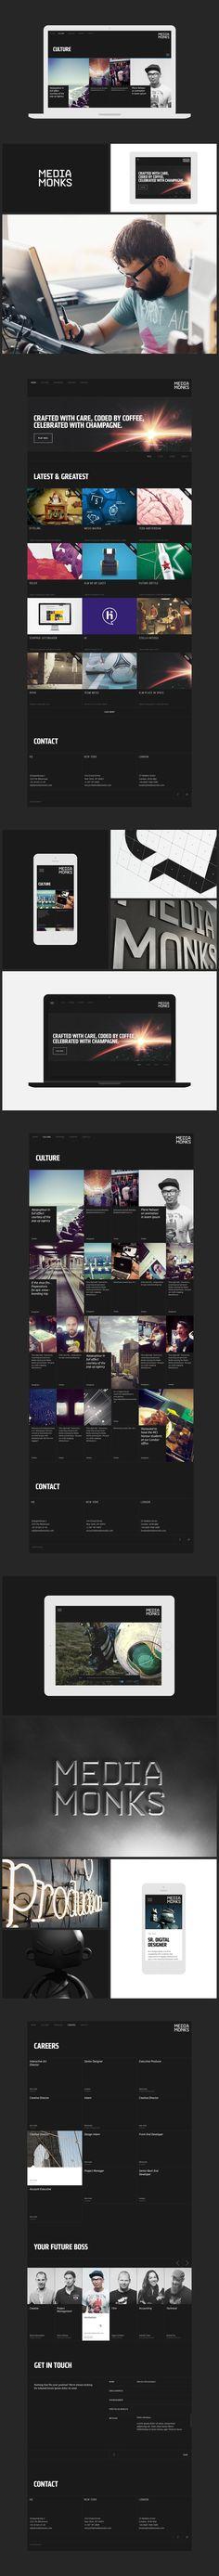 MediaMonks.com on Behance